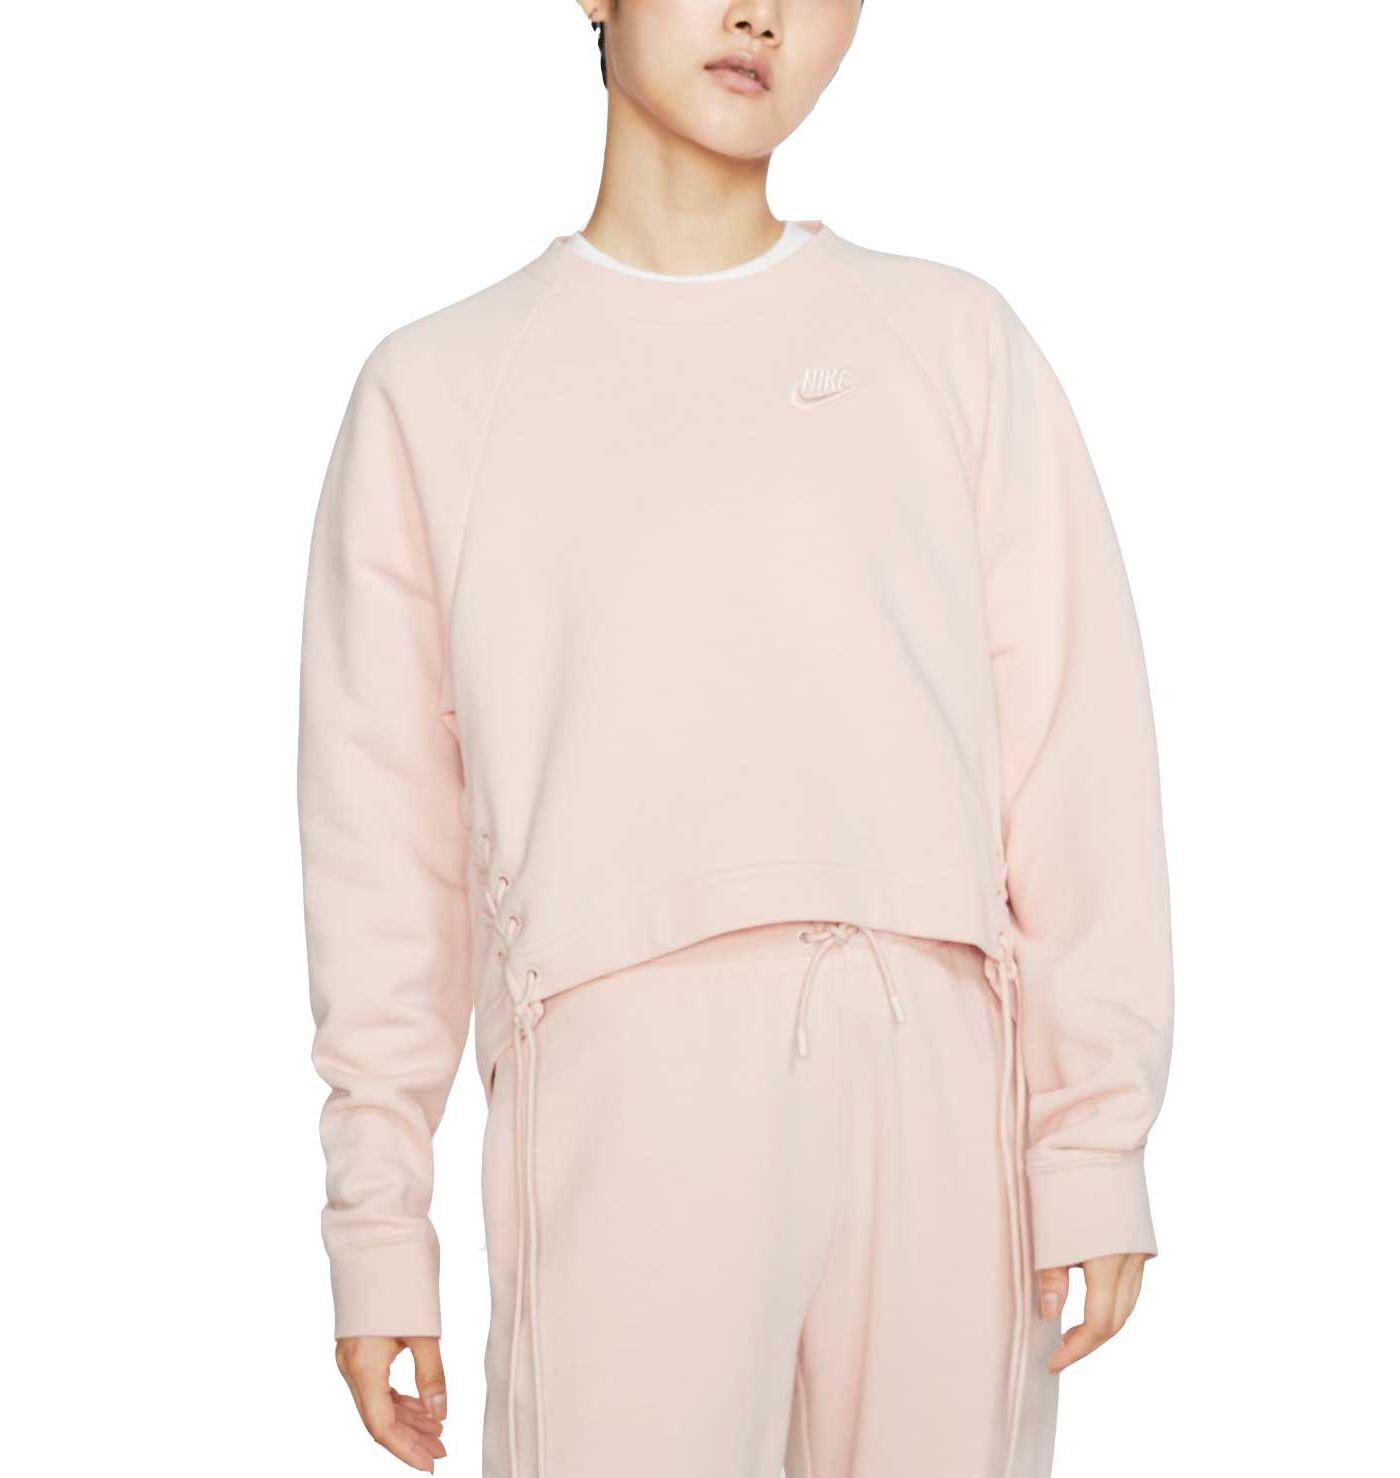 Nike Women's Sportswear Essential Fleece Crew